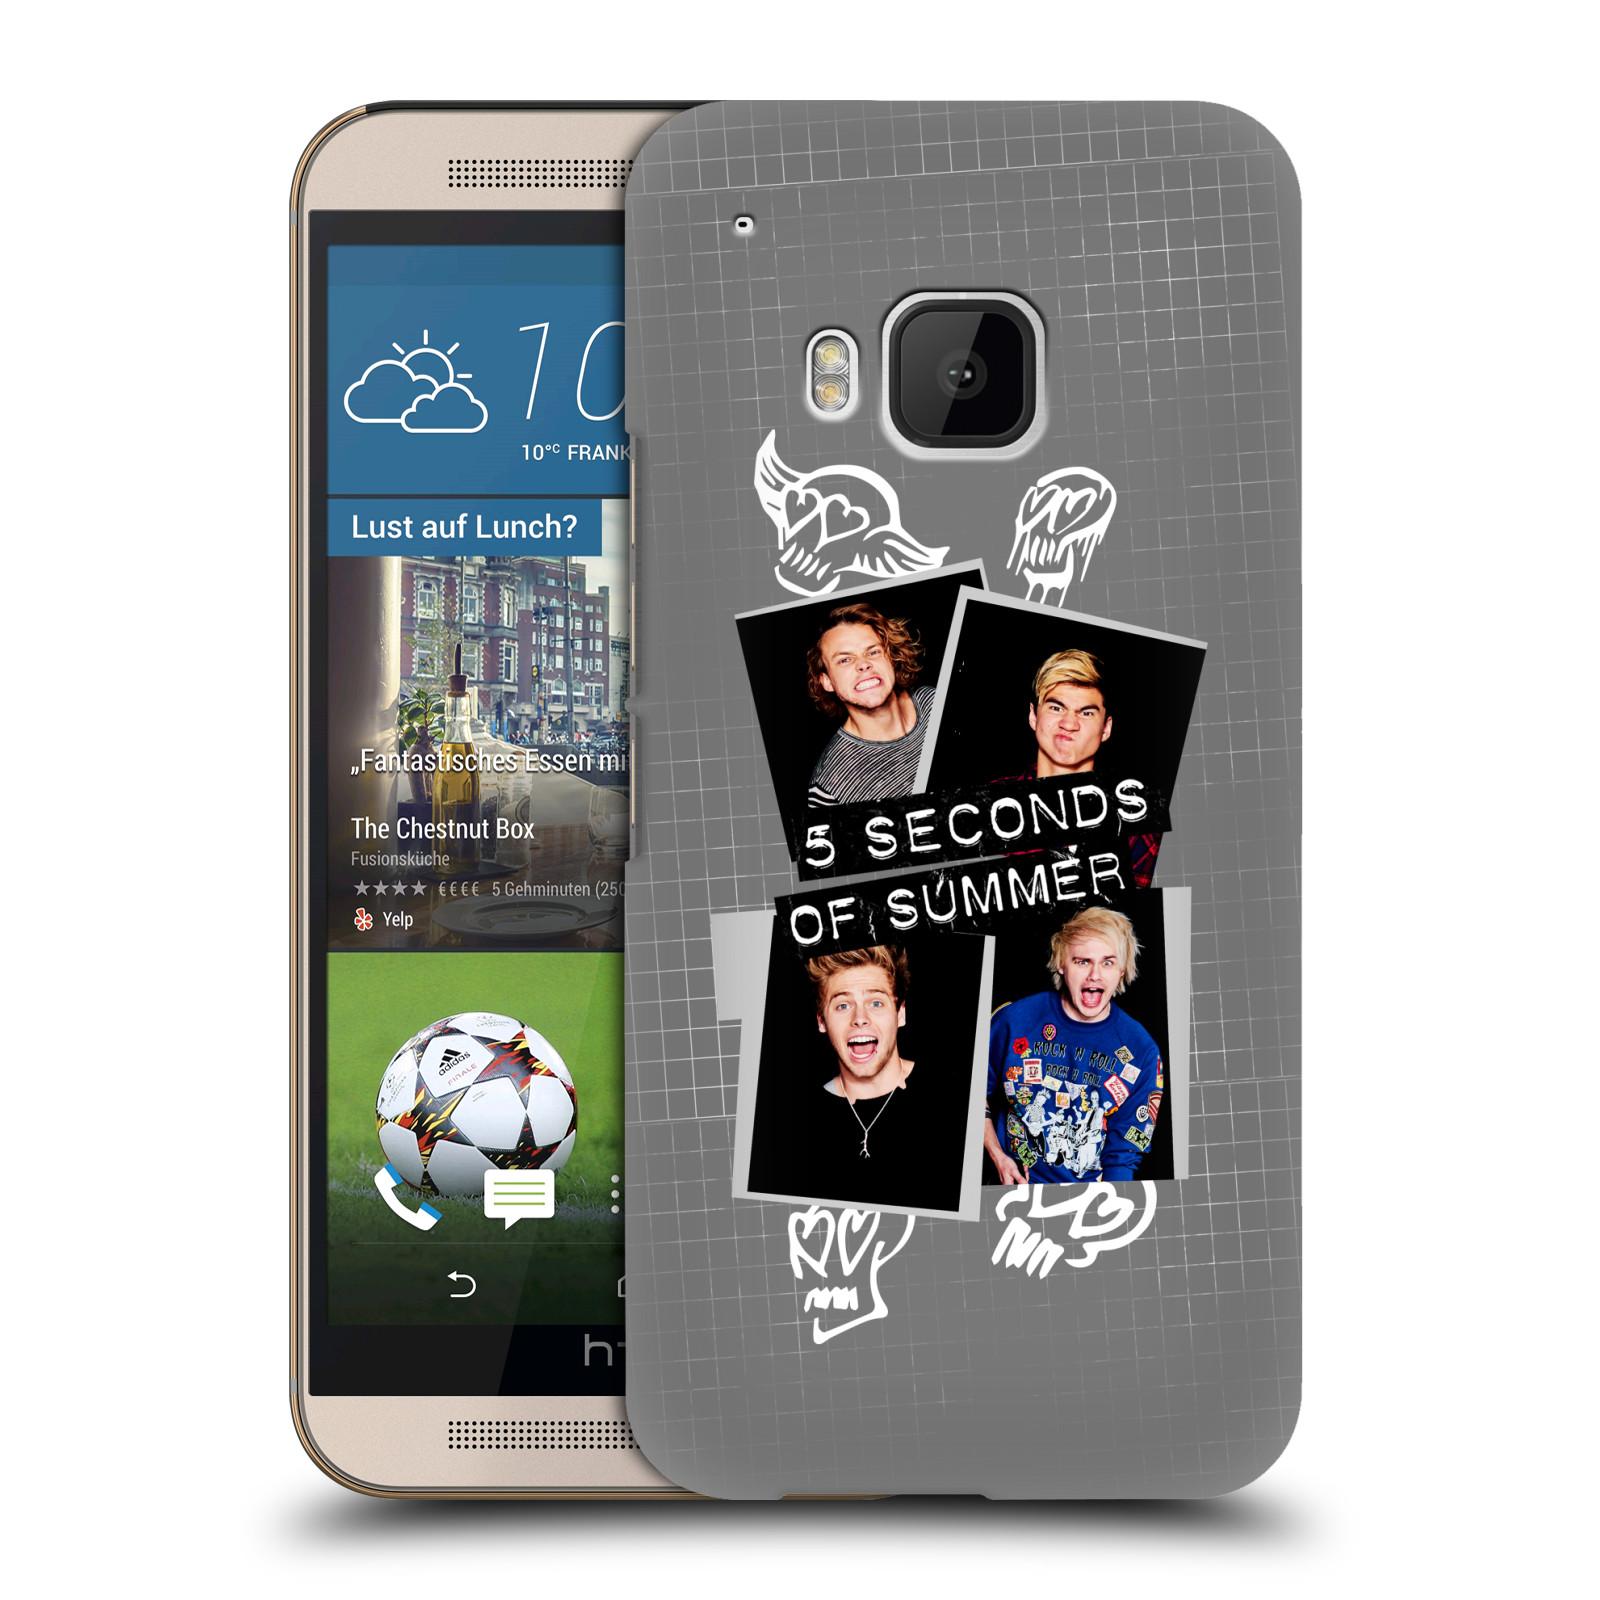 Plastové pouzdro na mobil HTC ONE M9 HEAD CASE 5 Seconds of Summer - Band Grey (Plastový kryt či obal na mobilní telefon licencovaným motivem 5 Seconds of Summer pro HTC ONE M9)